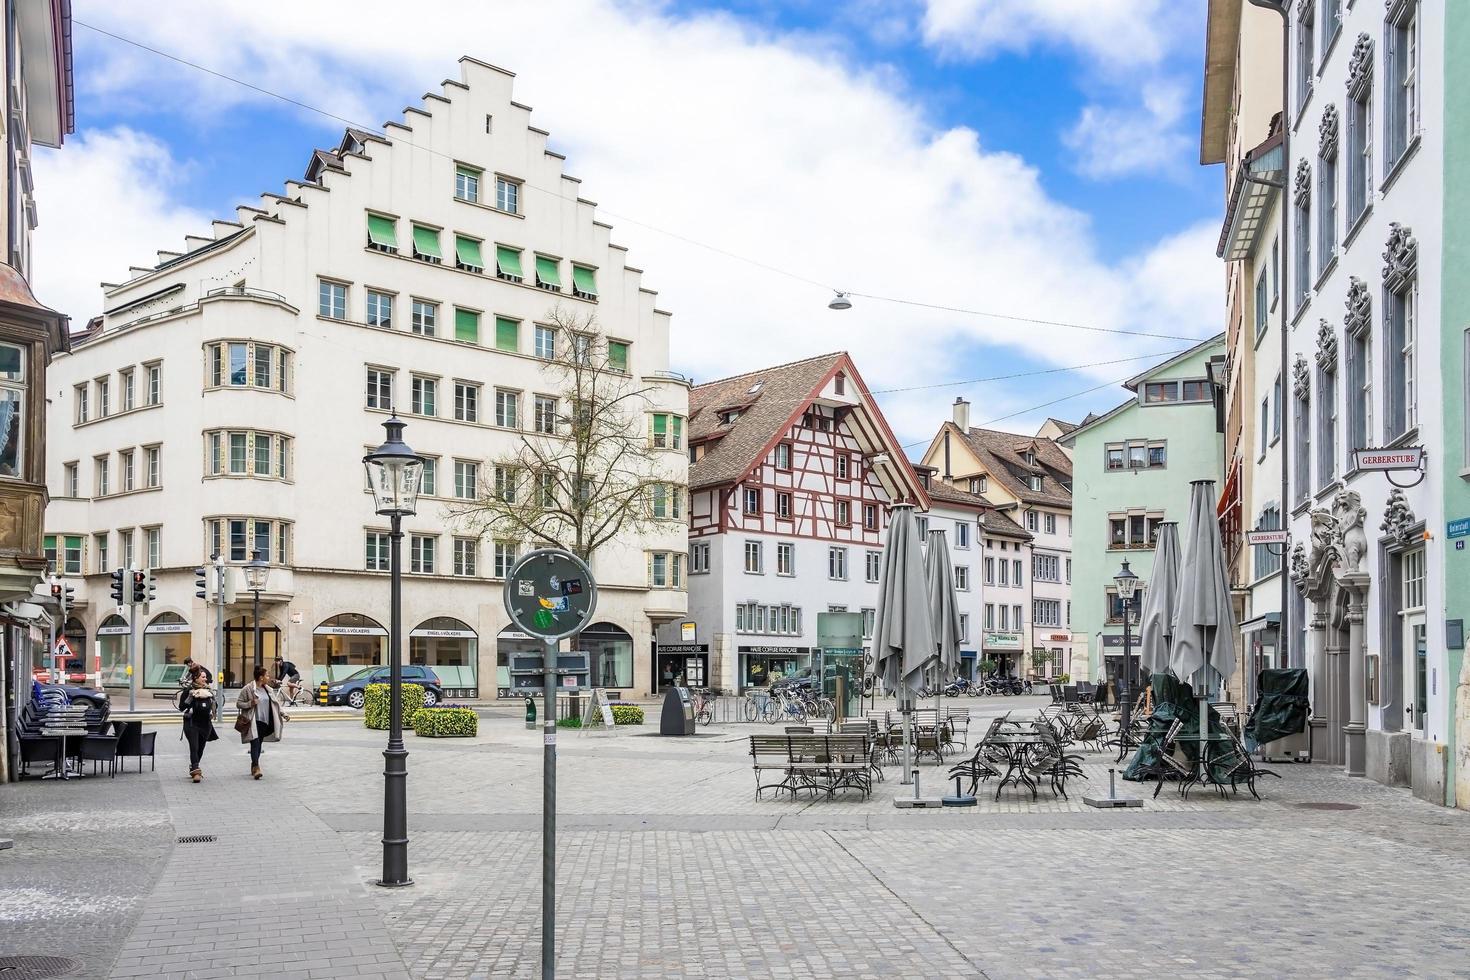 Calle vordergasse en Schaffhausen, Suiza, 2018 foto